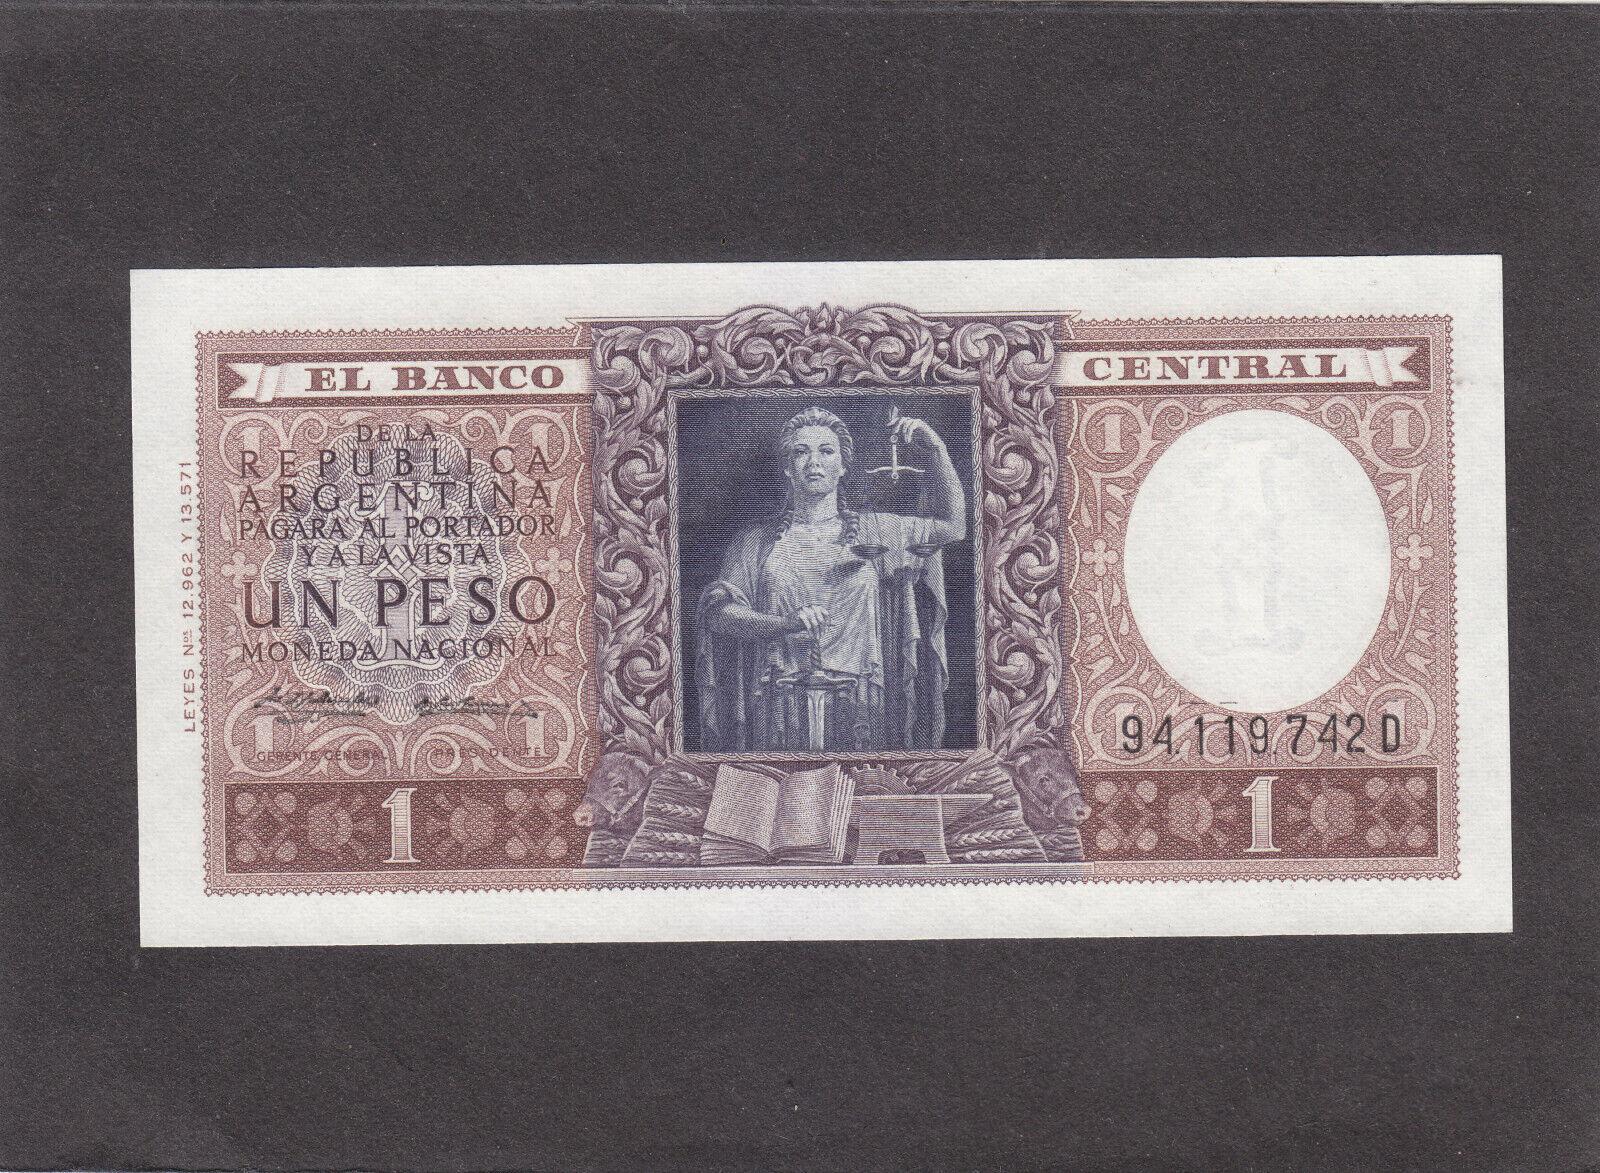 Argentina 1 Peso 1956 P-263 UNC